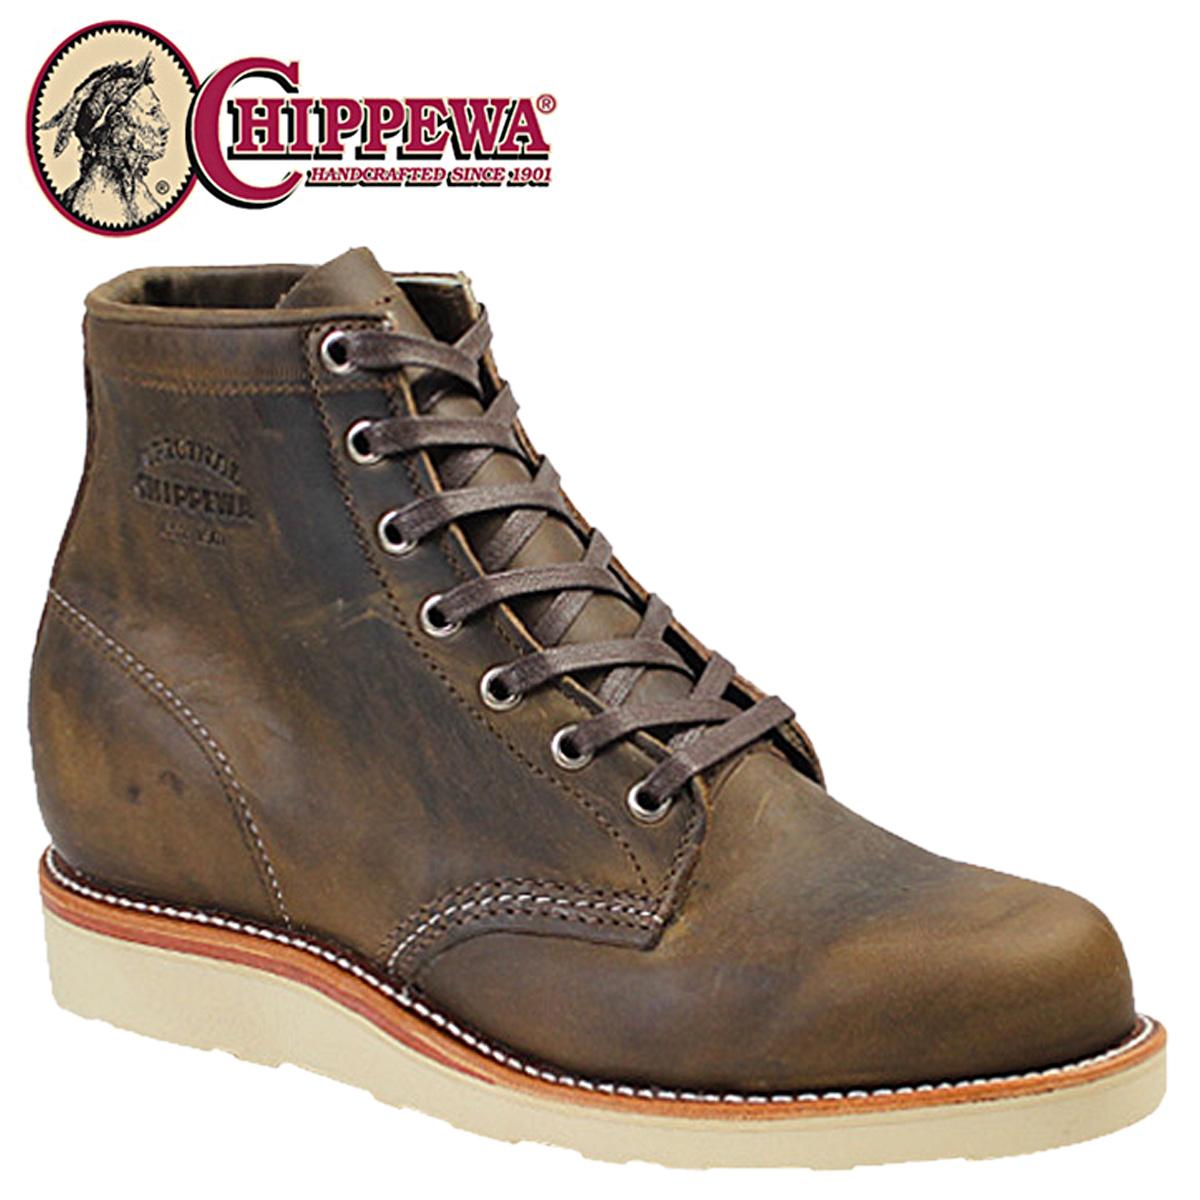 CHIPPEWA 6INCH PLAIN TOE WEDGE チペワ 6インチ プレーン トゥ ウェッジ ブーツ タン 1901M18 Dワイズ レザー BOOTS メンズ